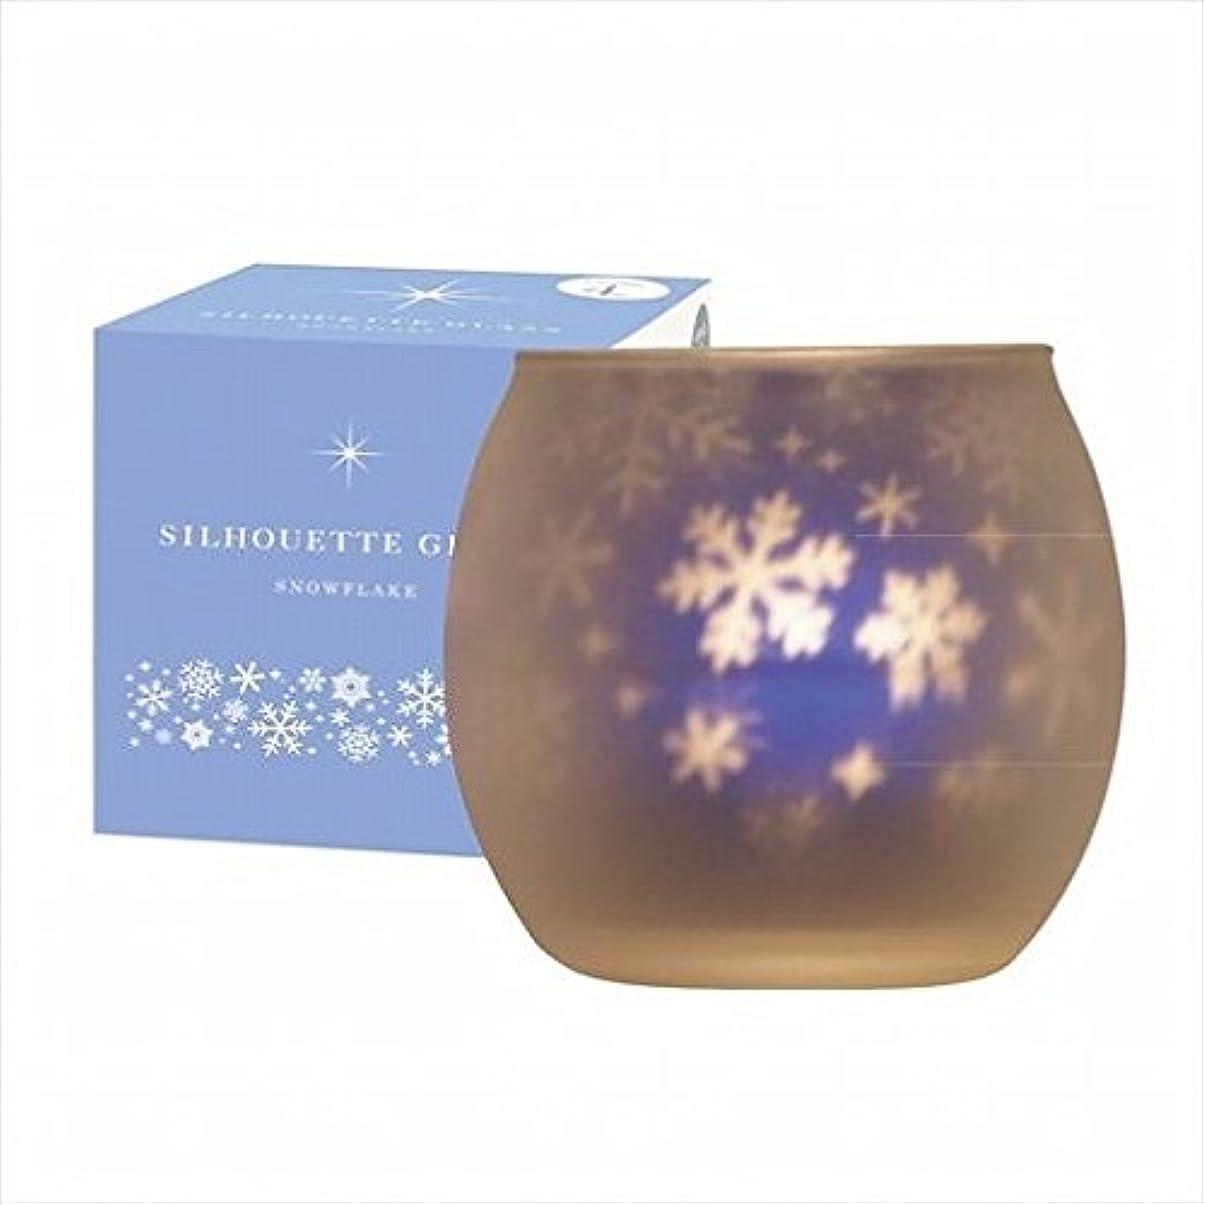 いとこ延ばす報奨金kameyama candle(カメヤマキャンドル) スノーフレークシルエットグラス【キャンドル4個付き】(J1001022)